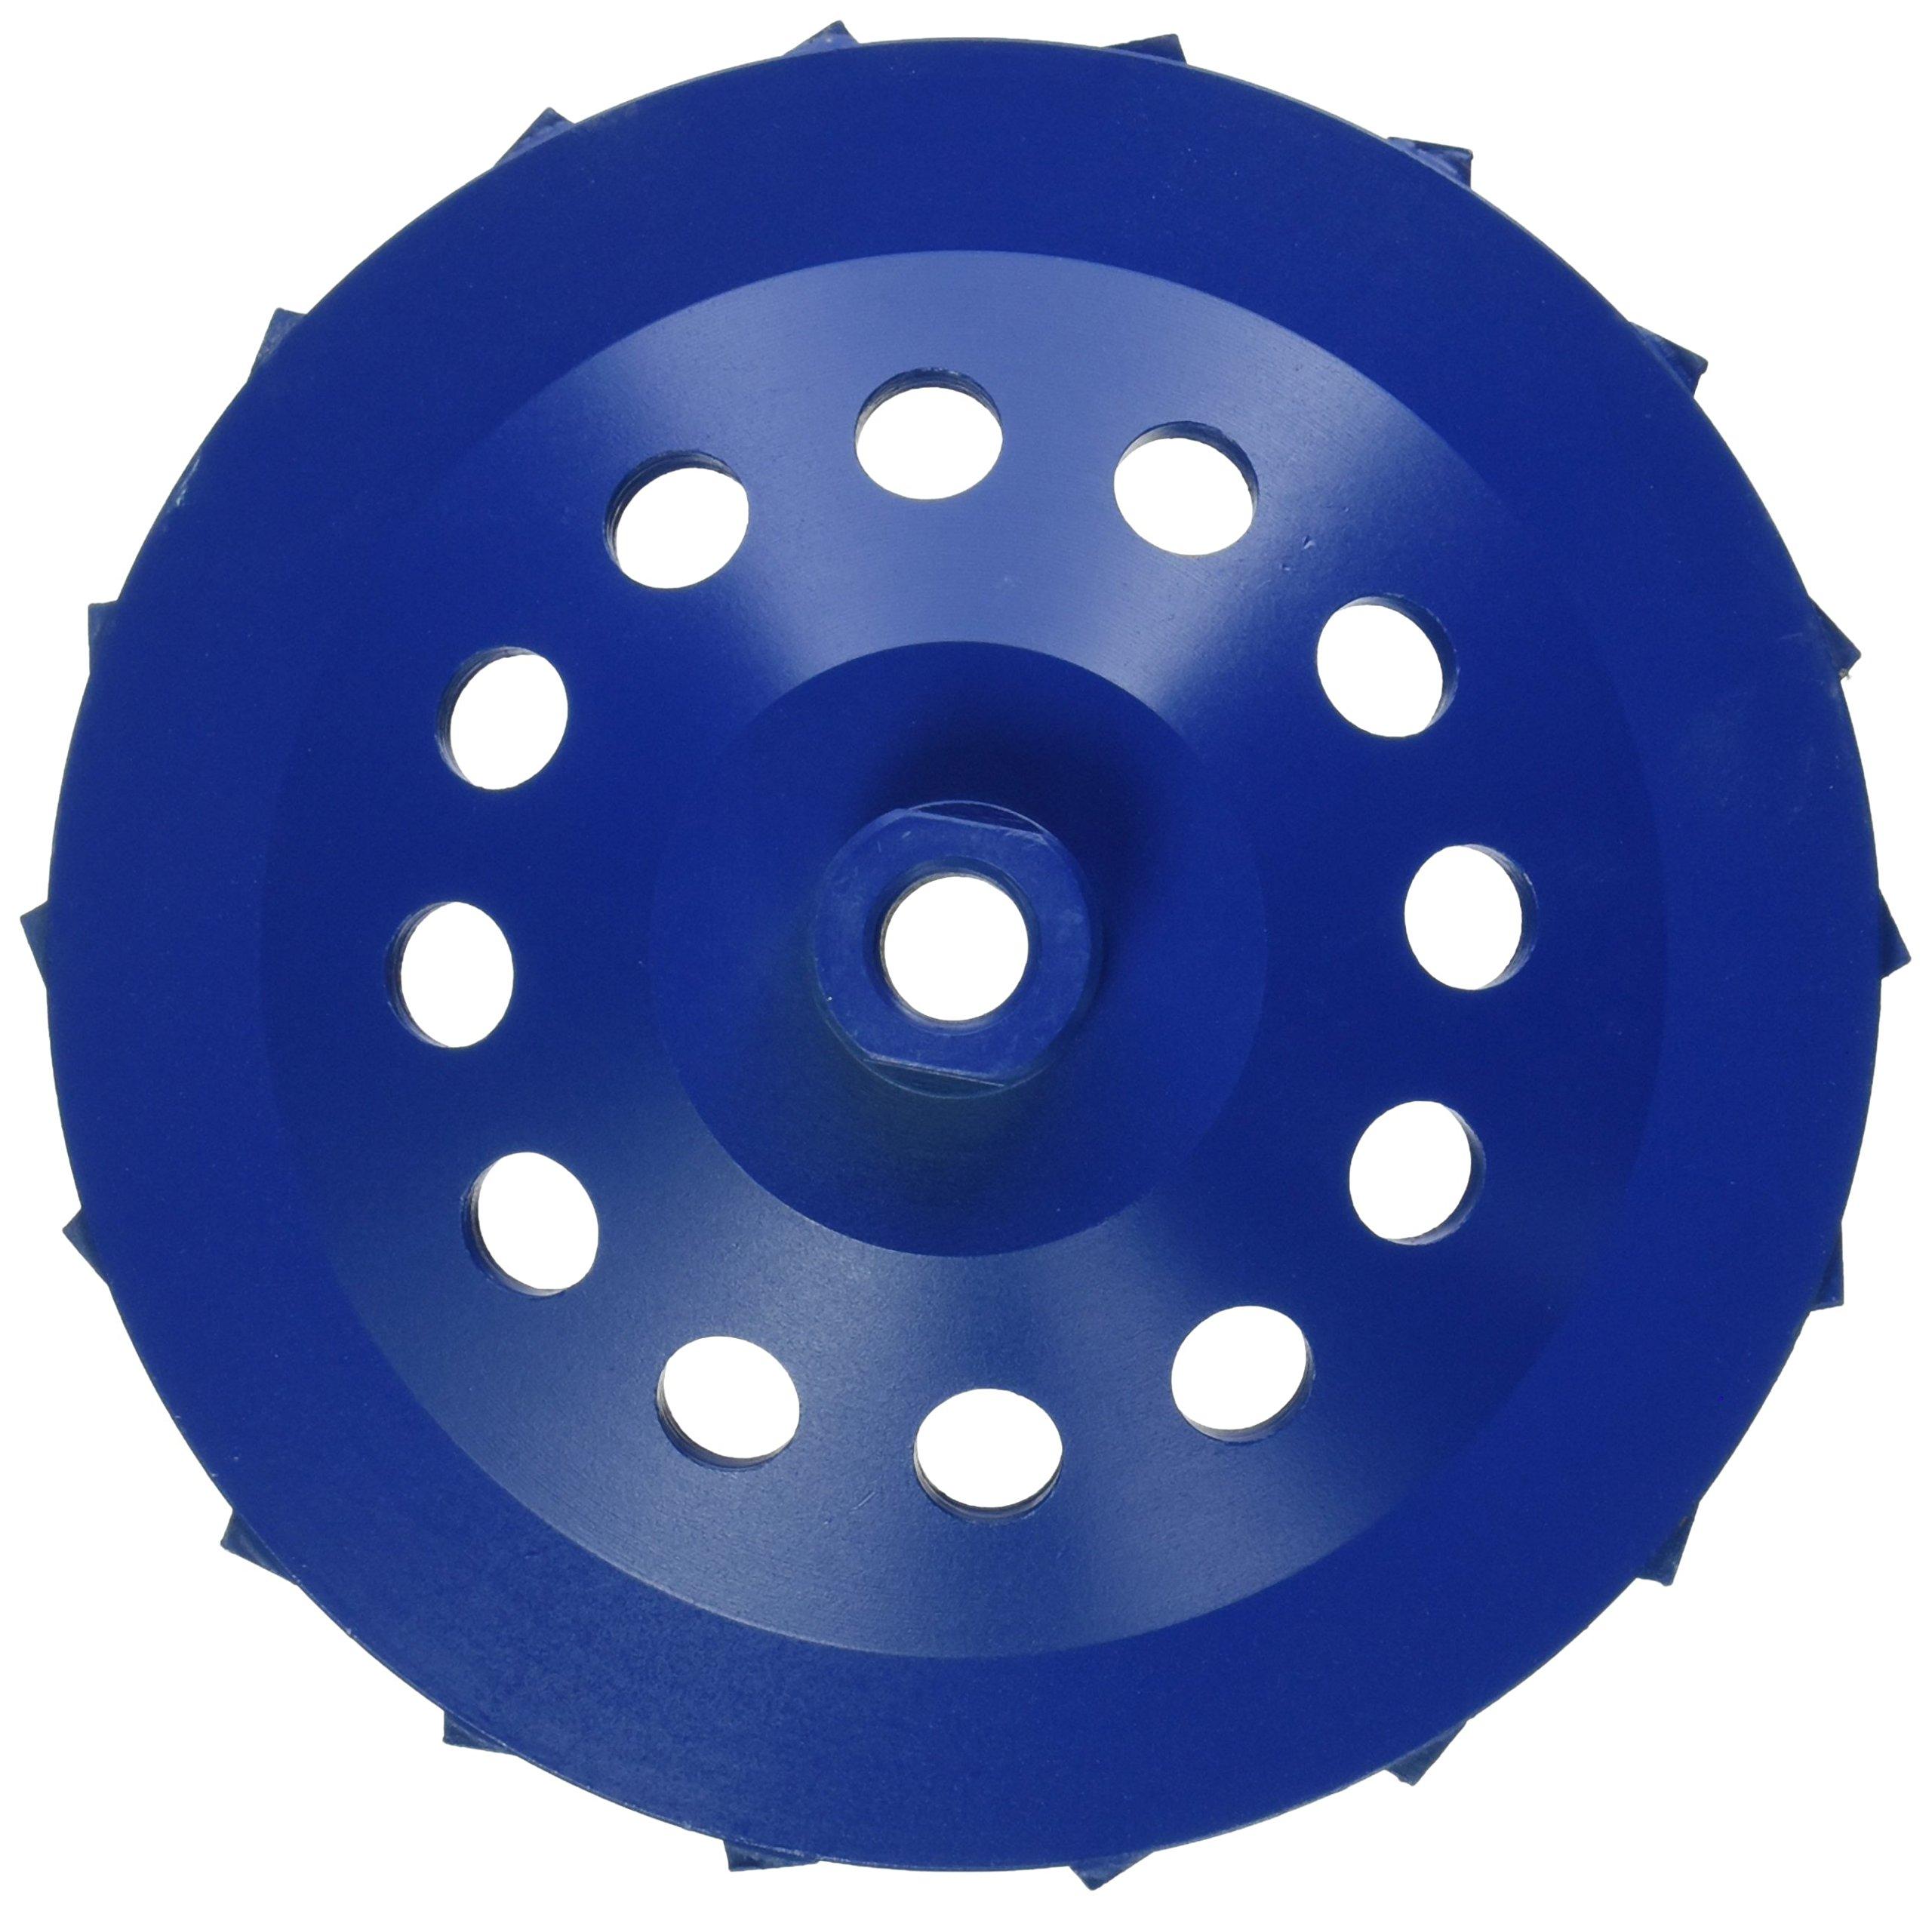 Disco de Diamante MERCER 667700 Rueda giratoria con segmentada 7 pulg.